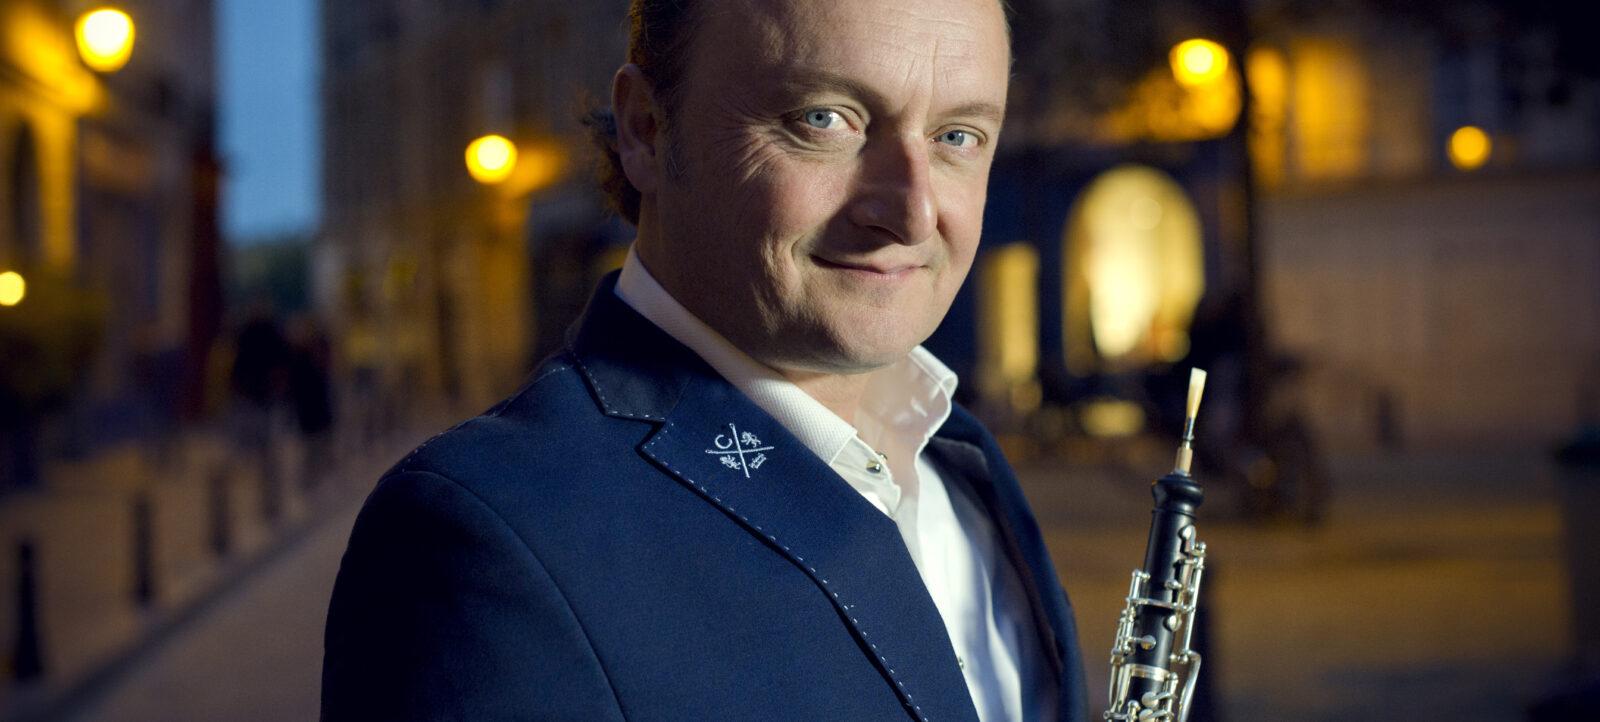 François Leleux és a Nemzeti Filharmonikus Zenekar hangversenye a Zeneakadémián – online esemény